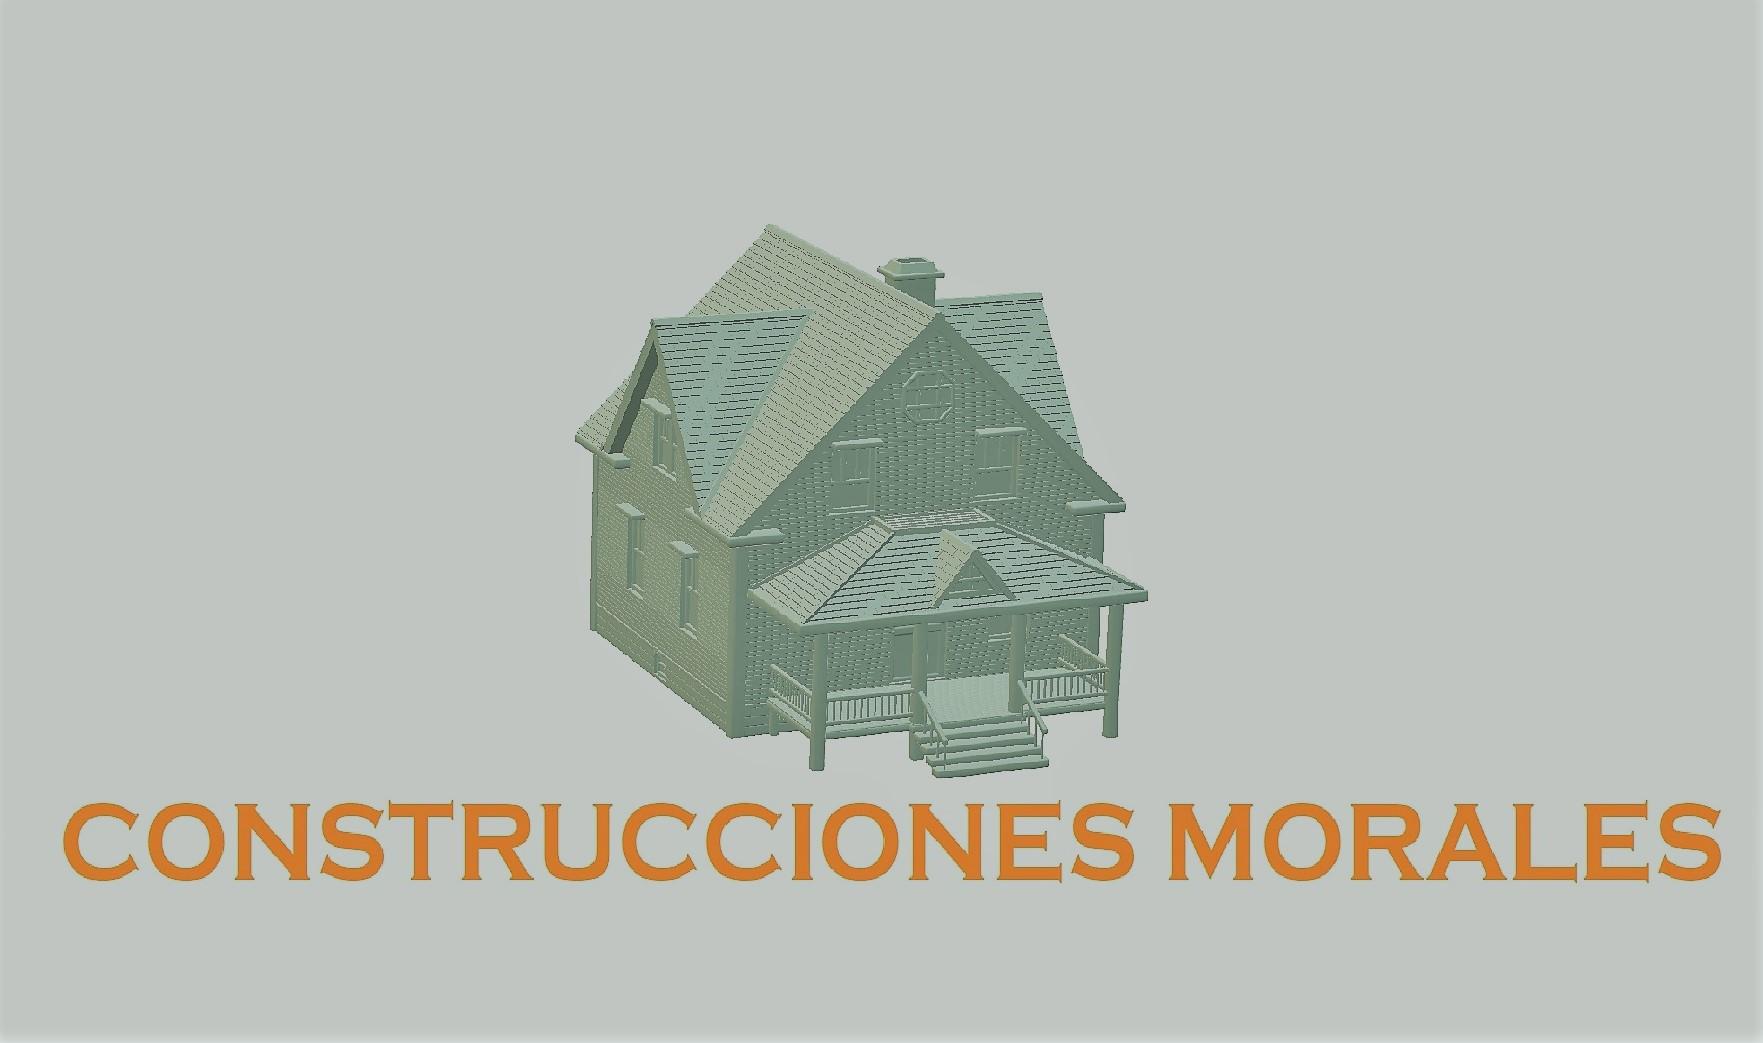 Construcciones Morales